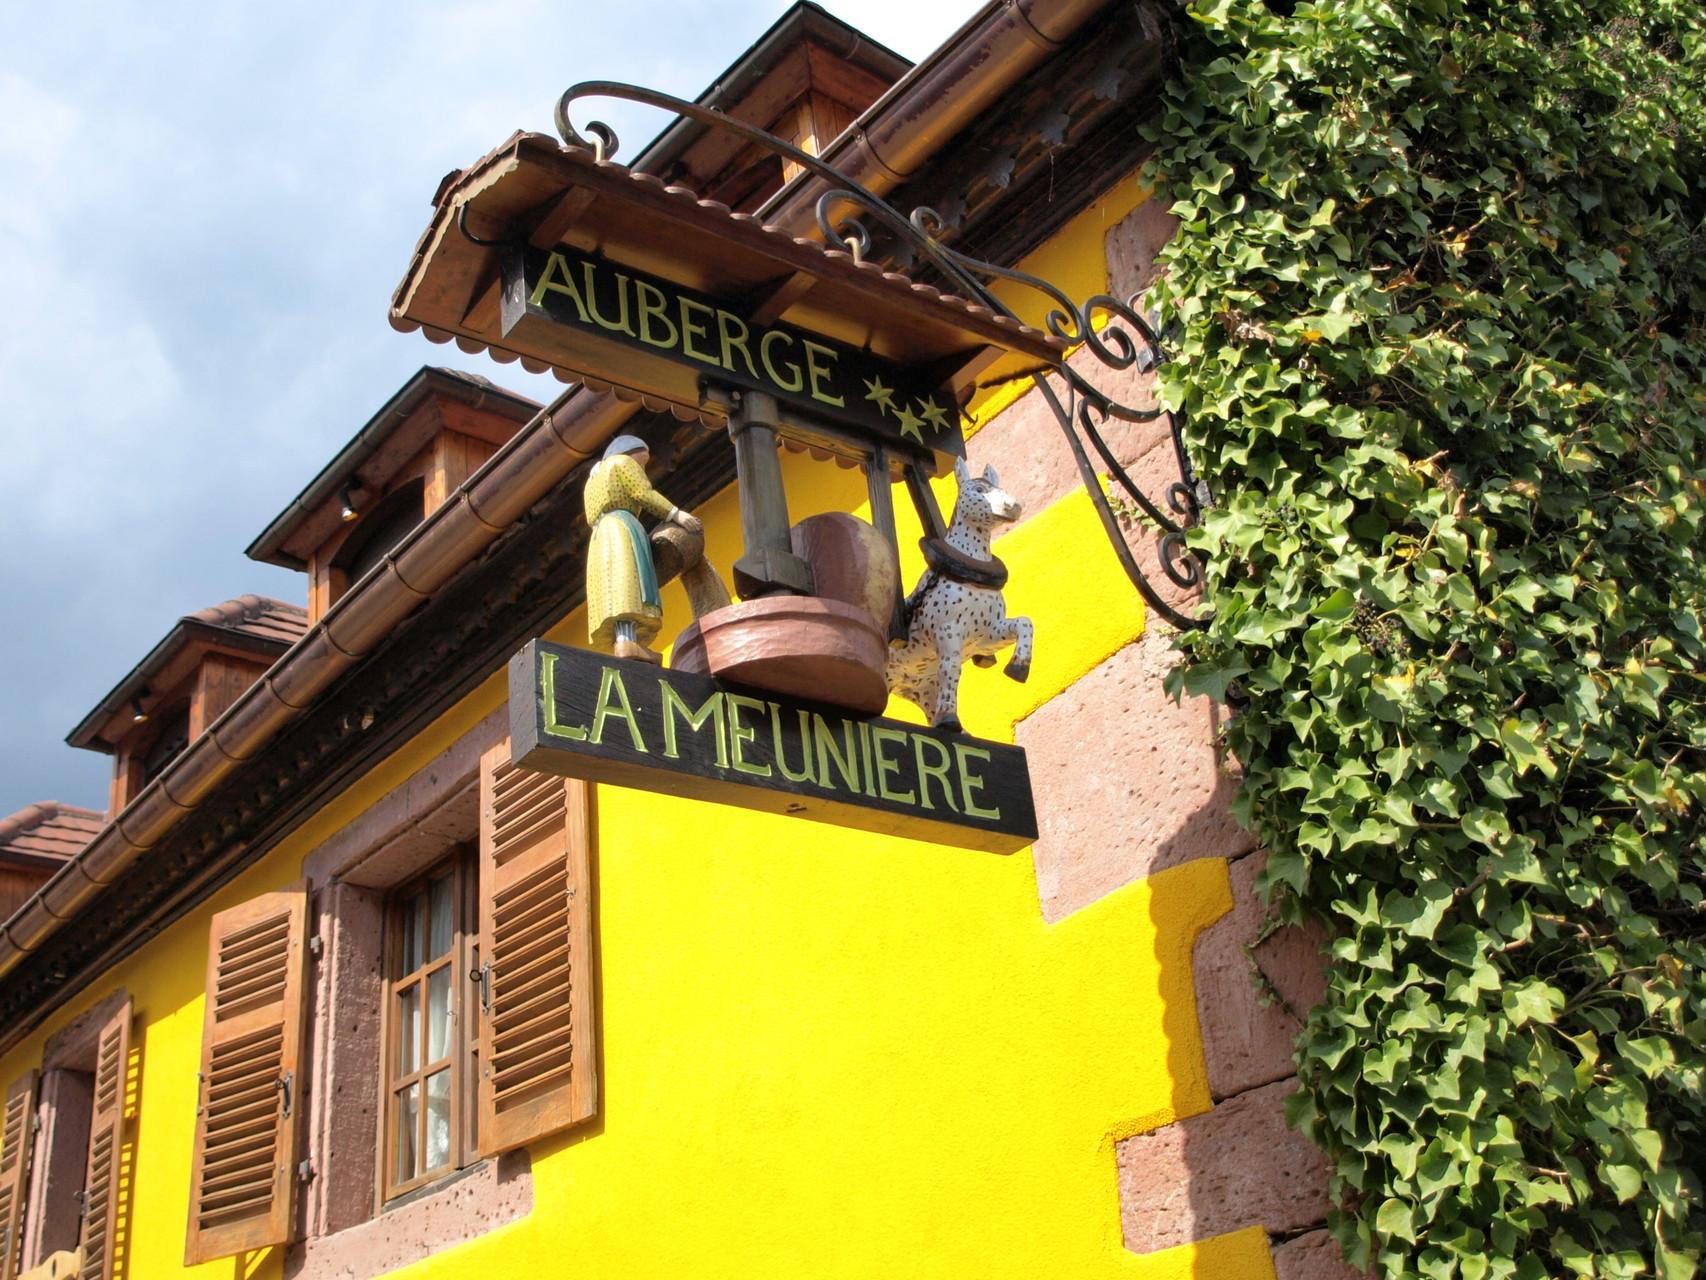 Auberge Meuniere Thannenkirch dedans de ribeauvillé à thannenkirch - randoenalsace